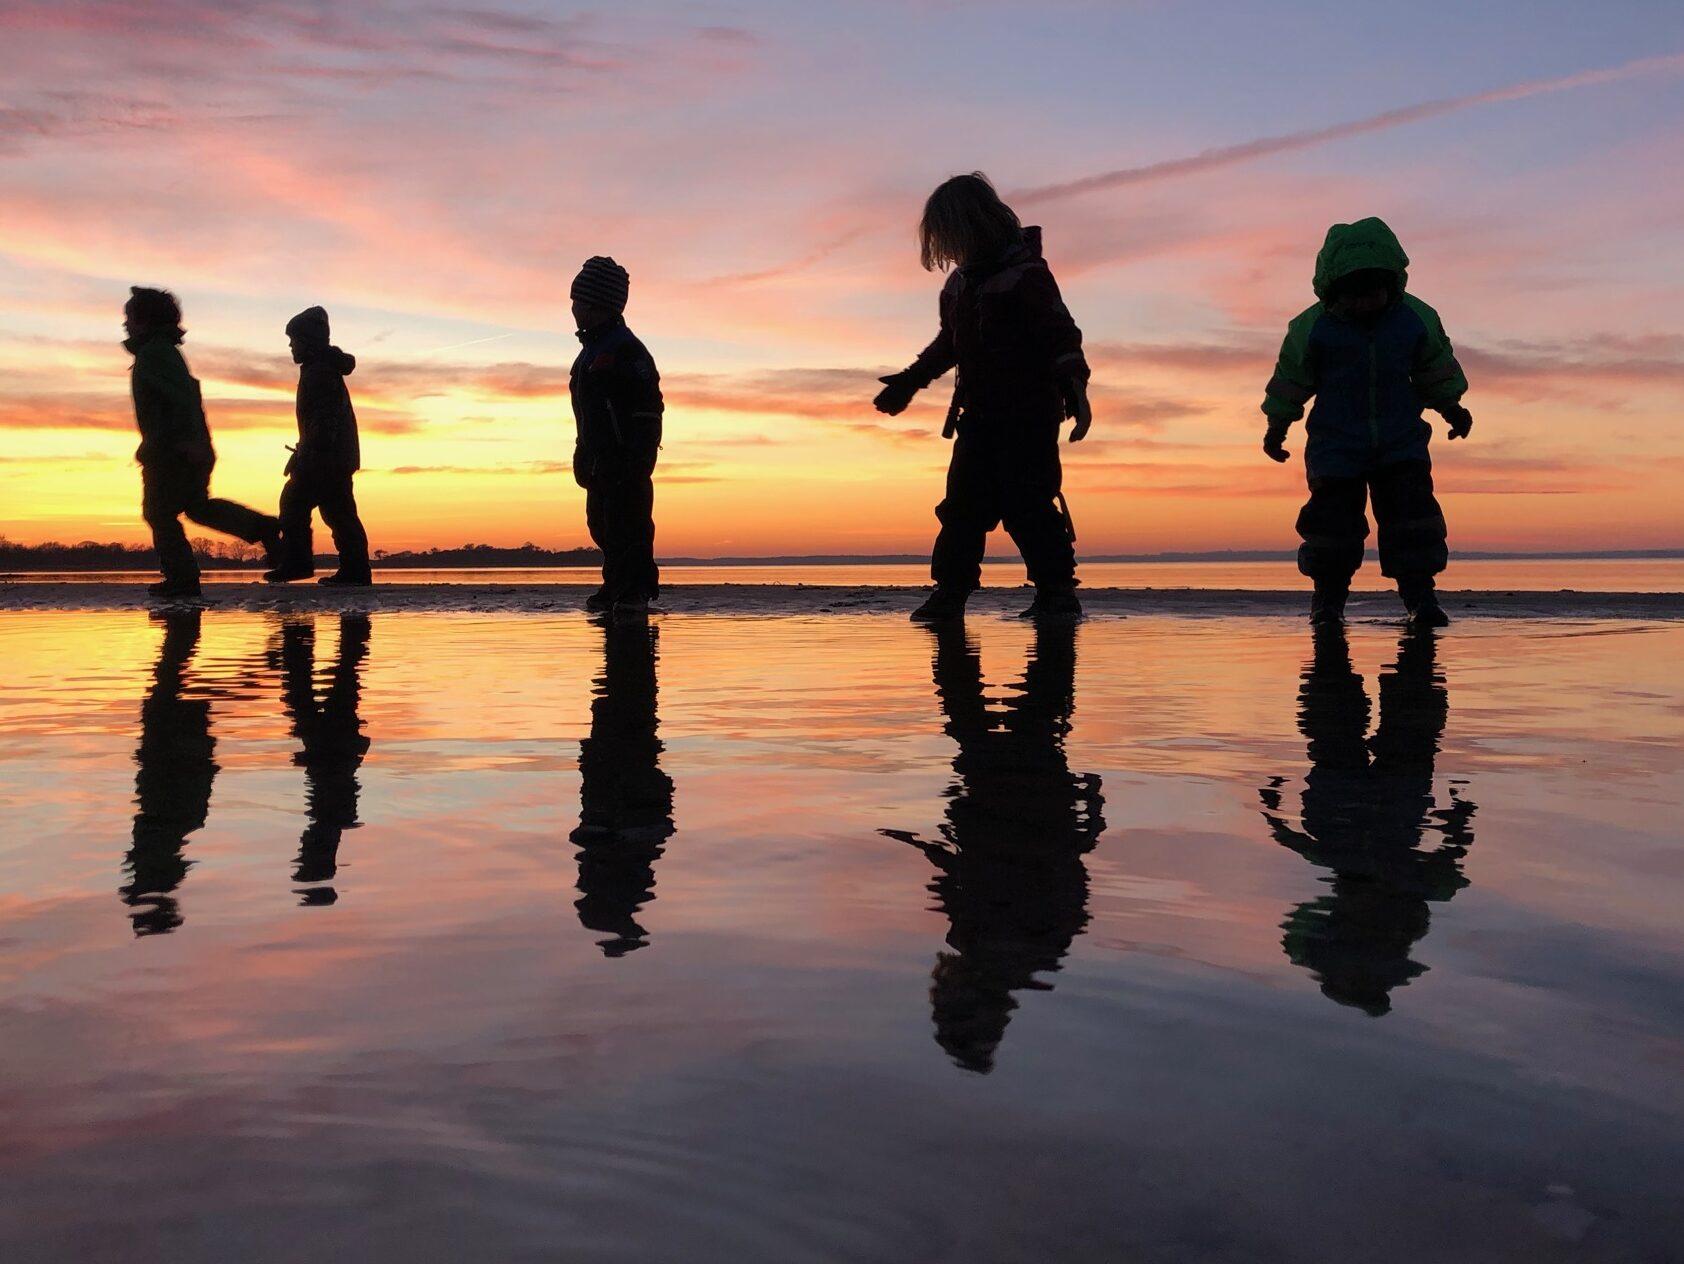 solnedgang_over_langeland. ferie_med_børn_sheltertur_udeliv_friluftsliv_venner_billig_tur_med_gode_venner